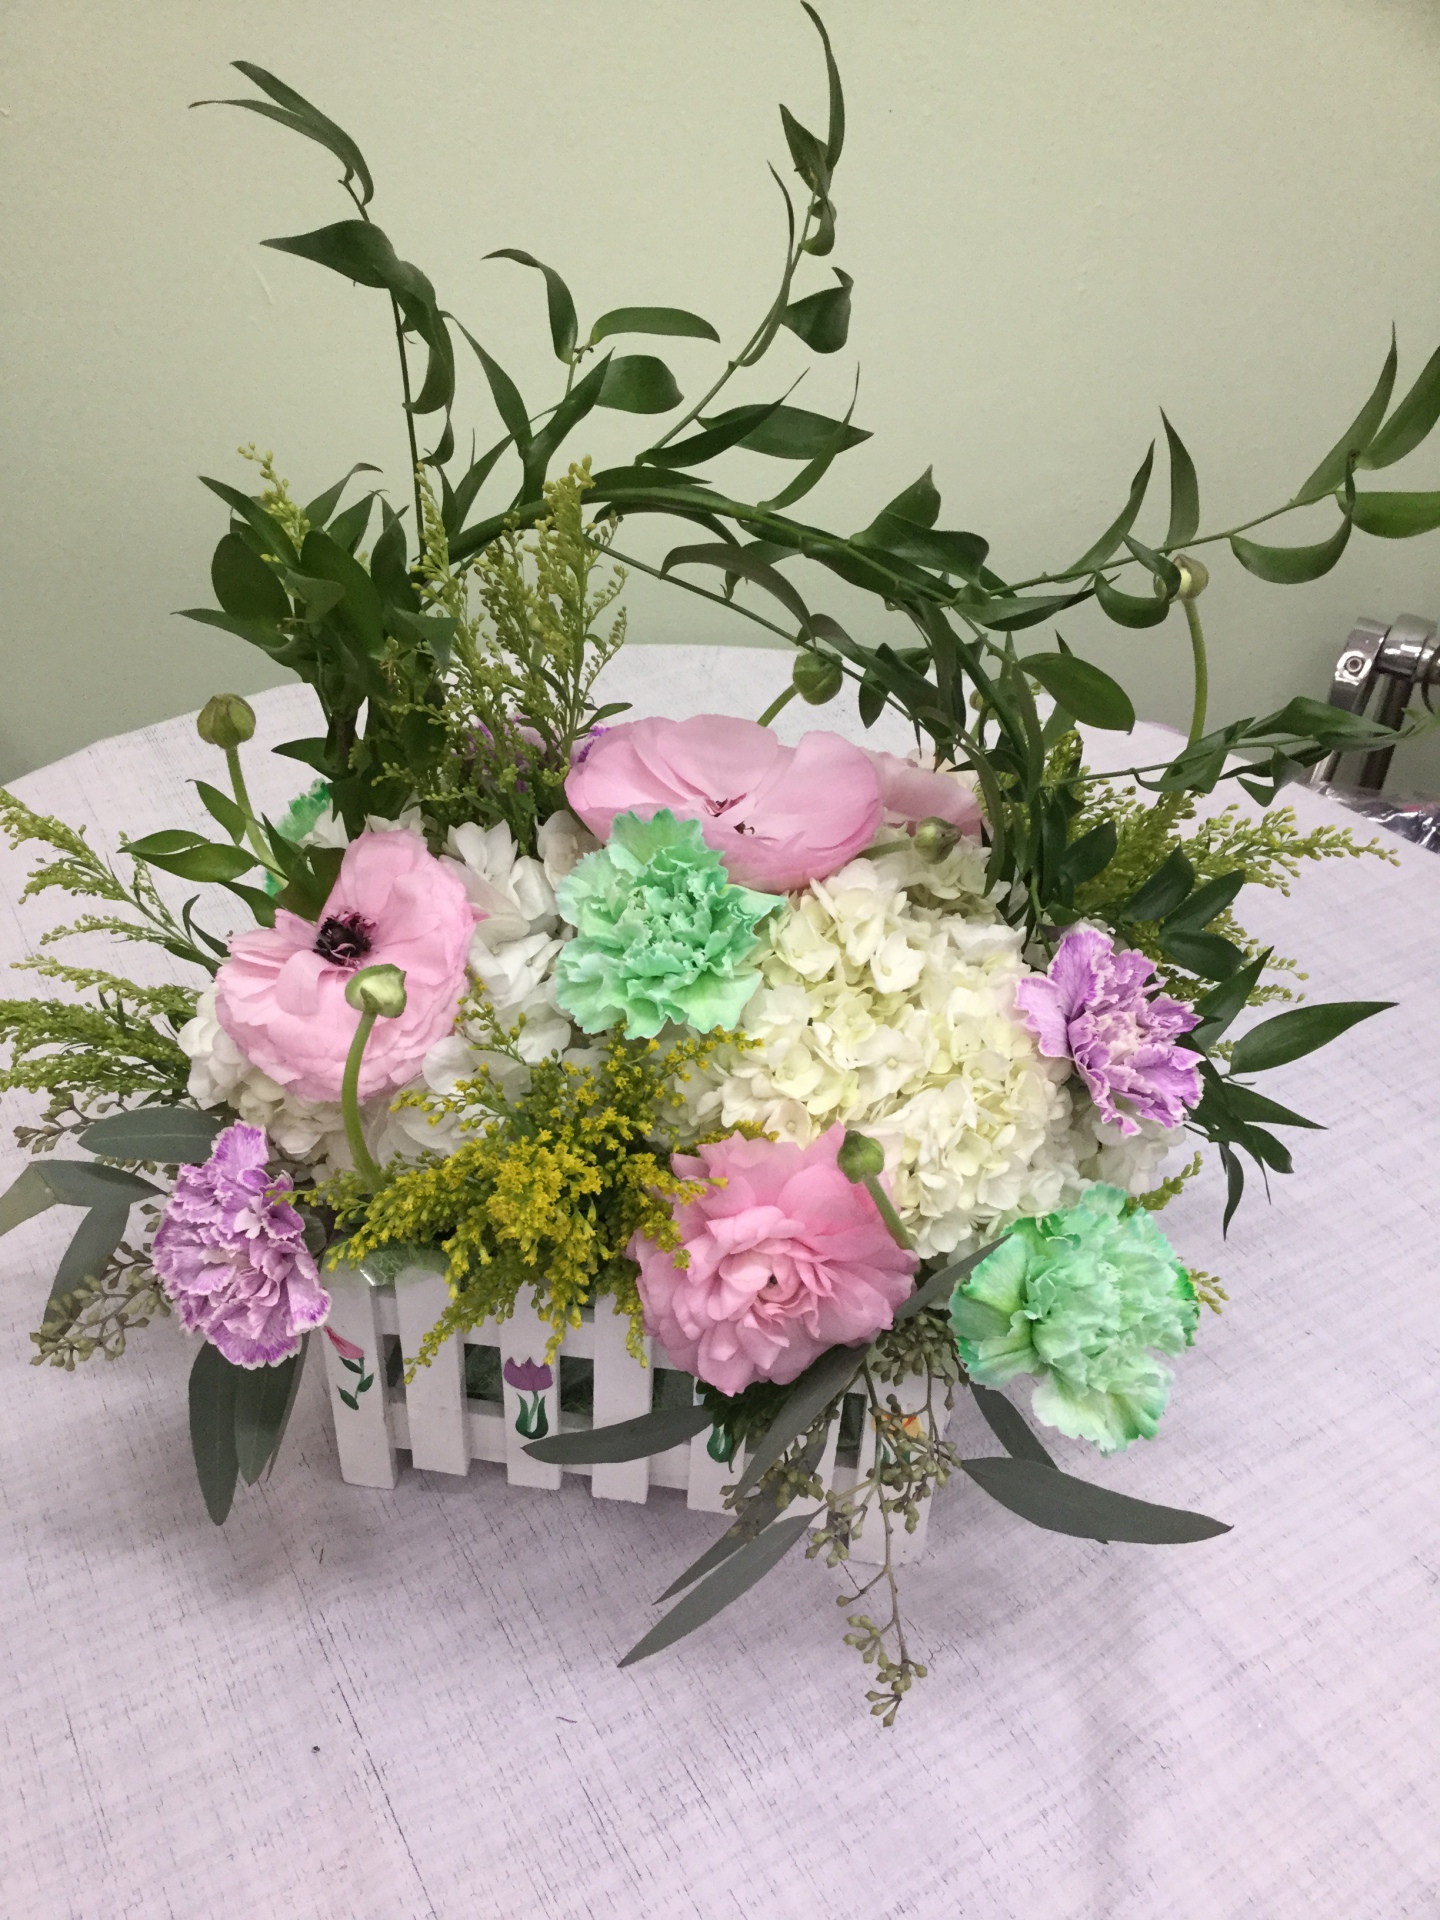 Spring Arrangement in a Basket